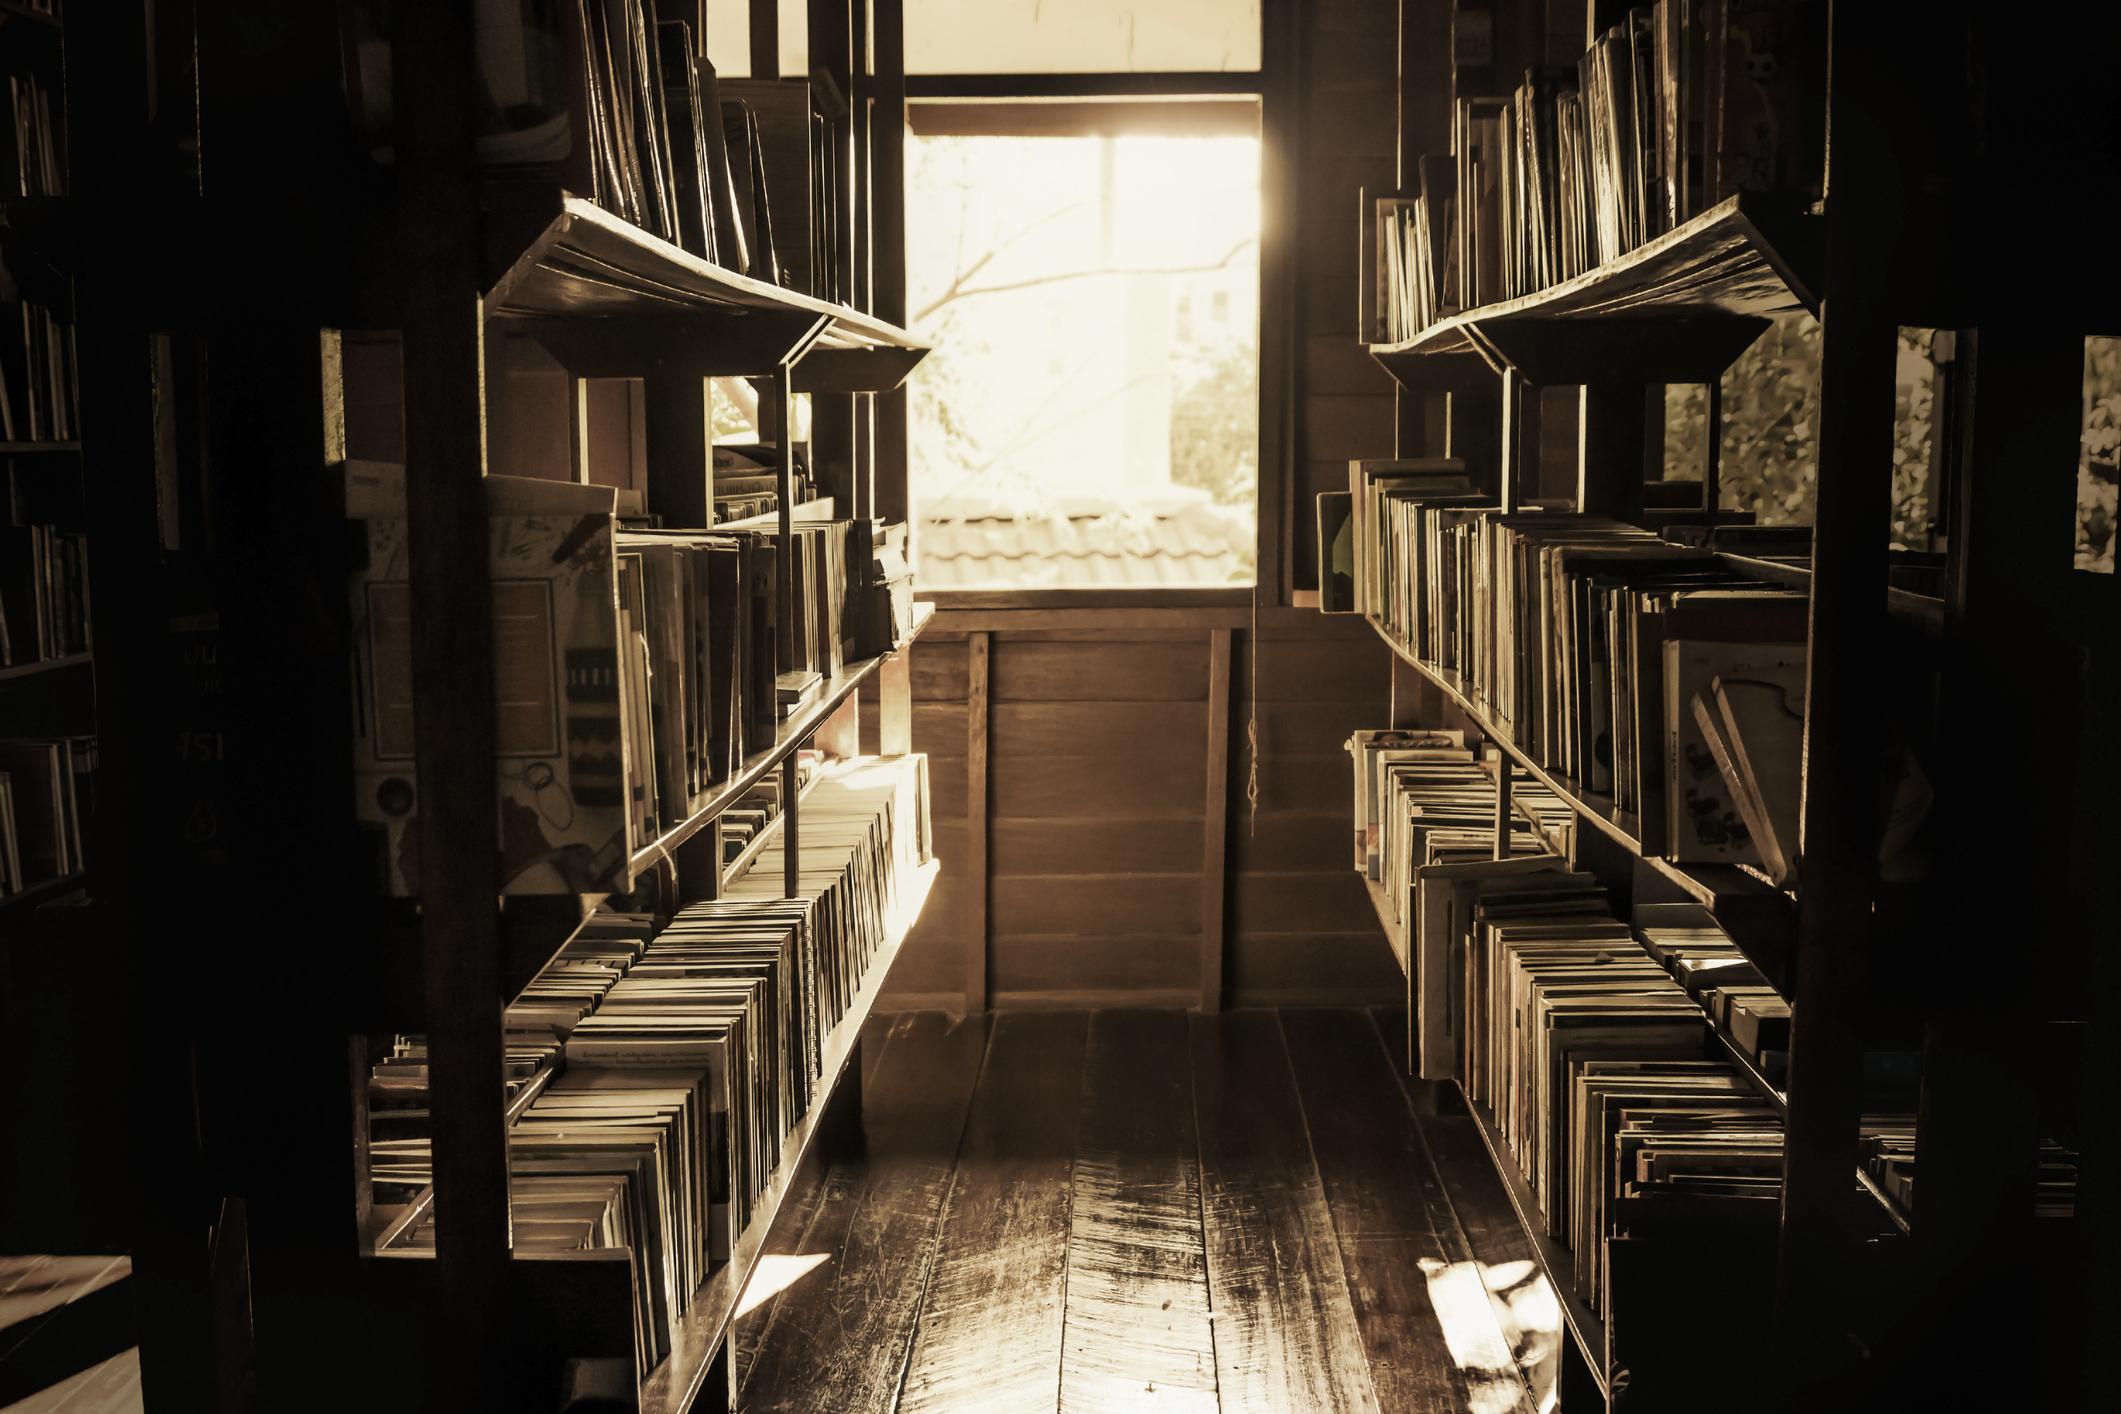 Books on a shelf in a bookstore